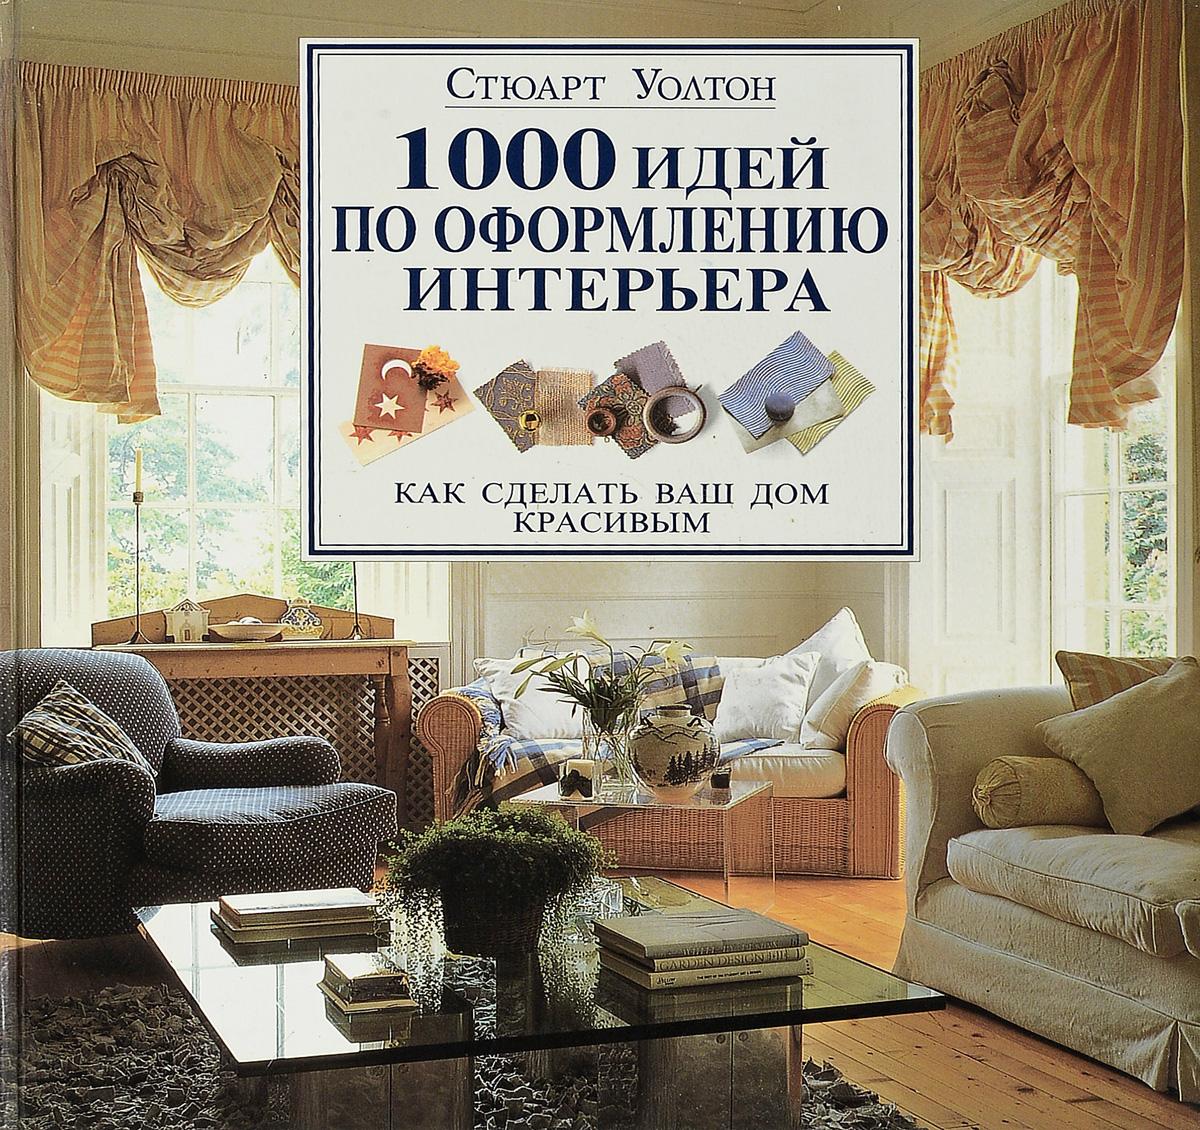 Книга 1000 идей по оформлению интерьера. Уолтон С.